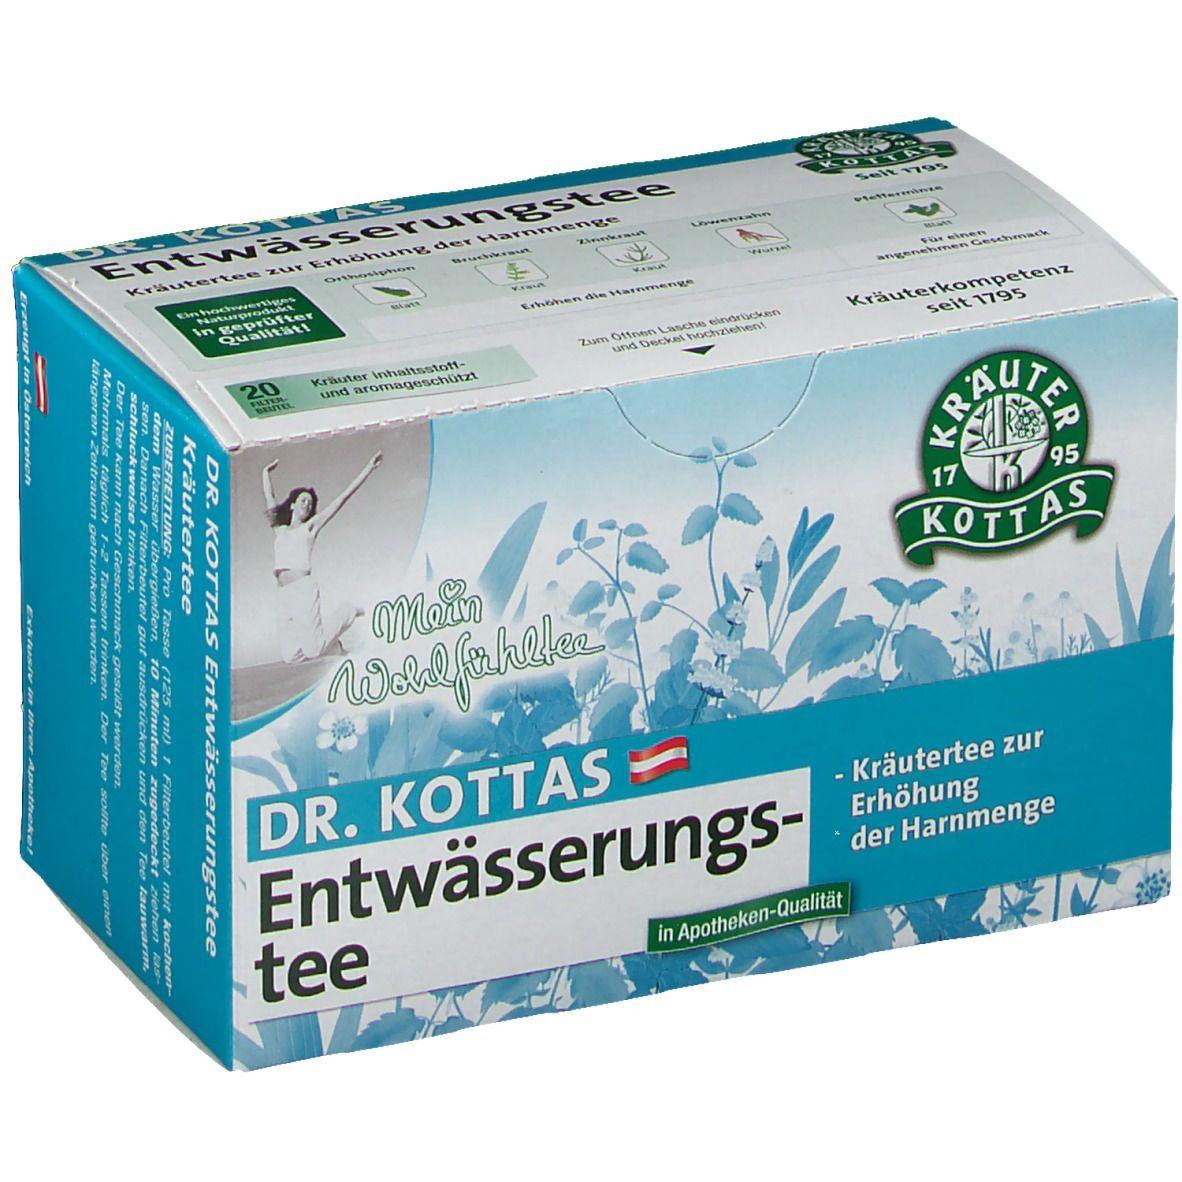 Dr. Kottas Entwässerungstee Filterbeutel